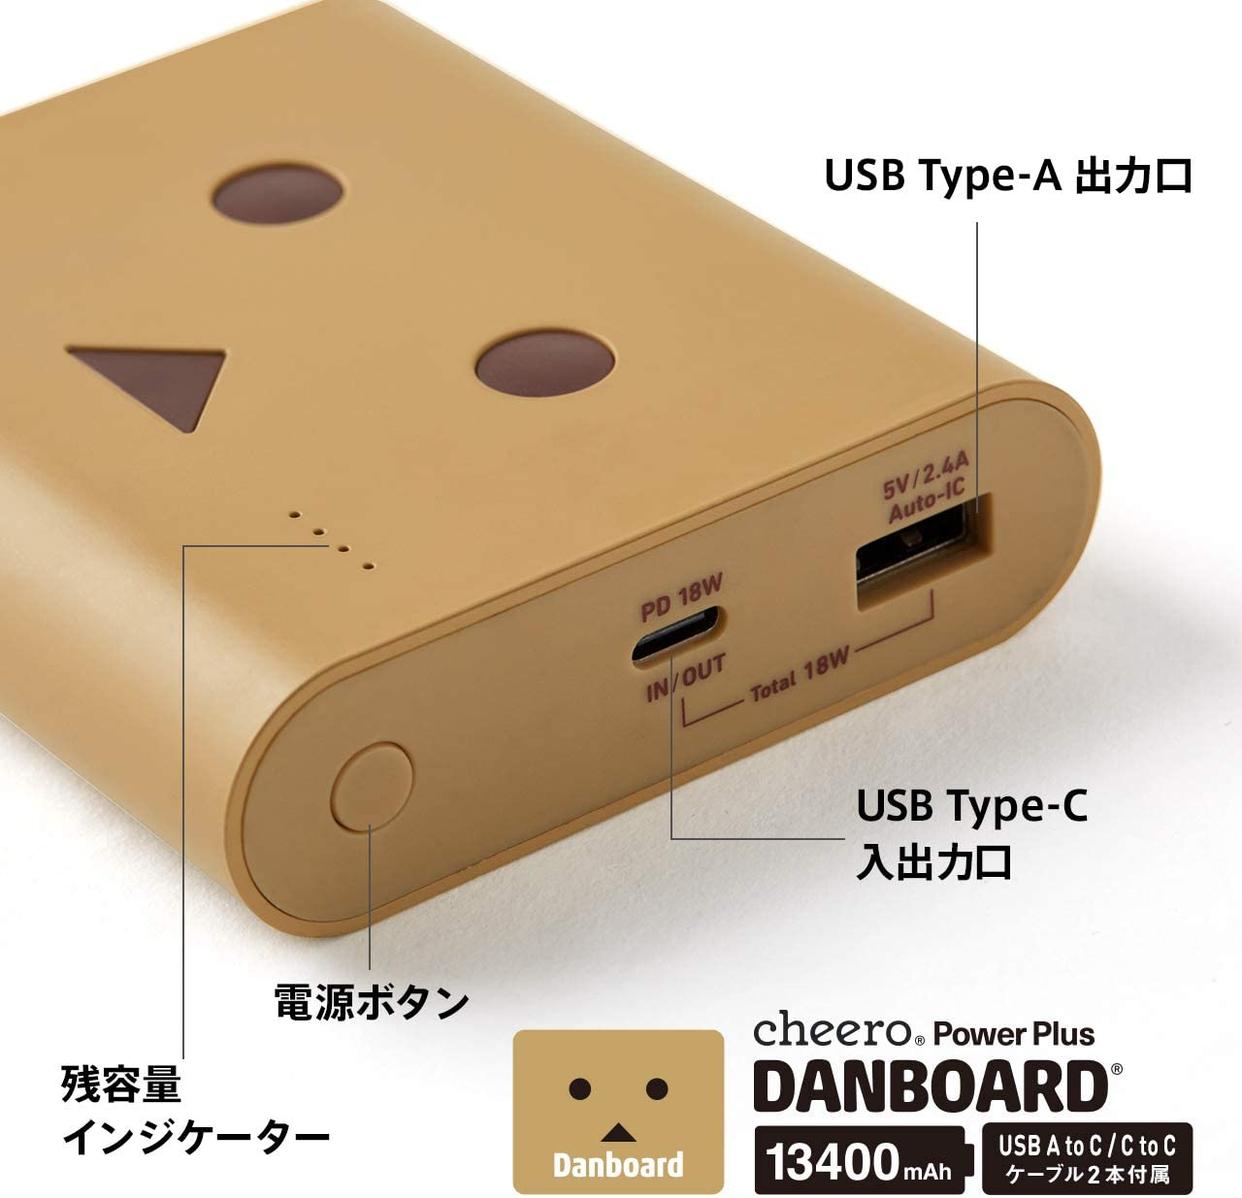 cheero(チーロ) モバイルバッテリー CHE-097-BRの商品画像2